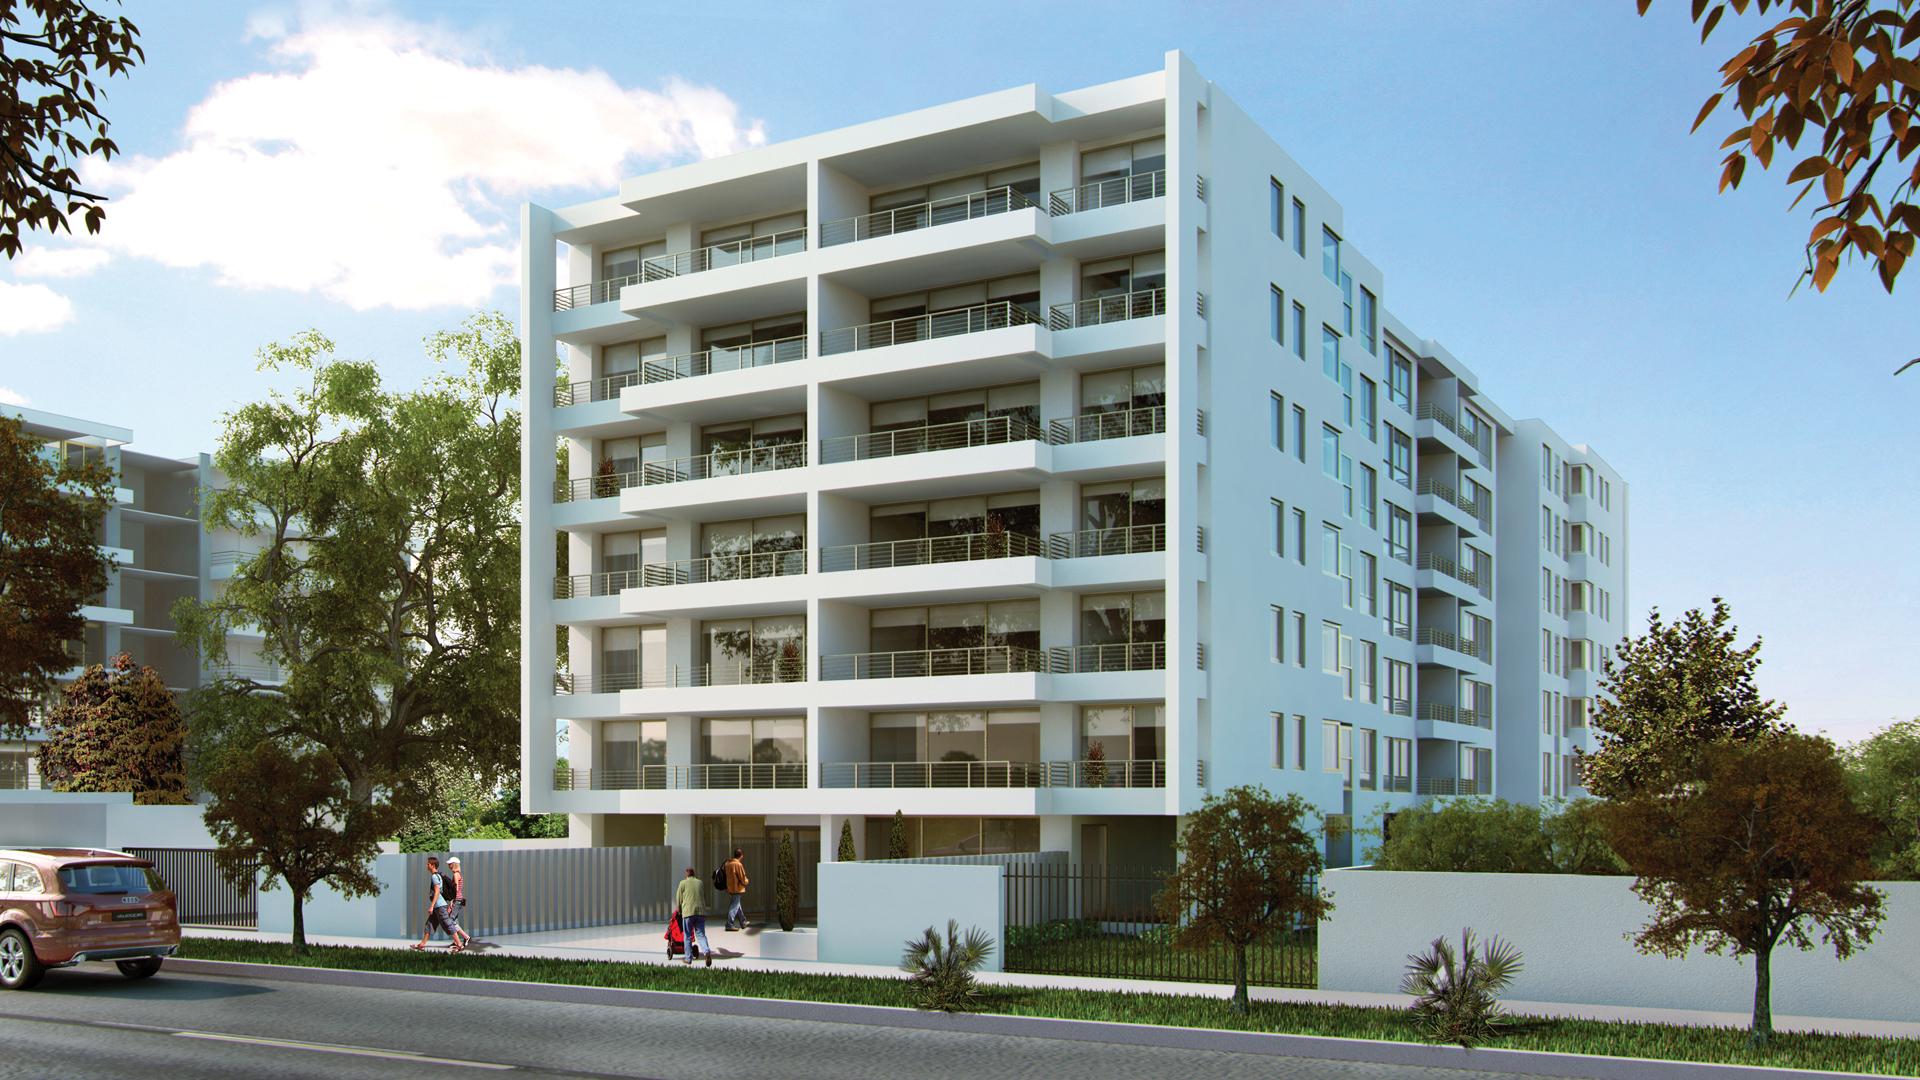 Edificio Innovo Las Condes Victor Rae 4580 Goplaceit Chile # Bienes Muebles Rae